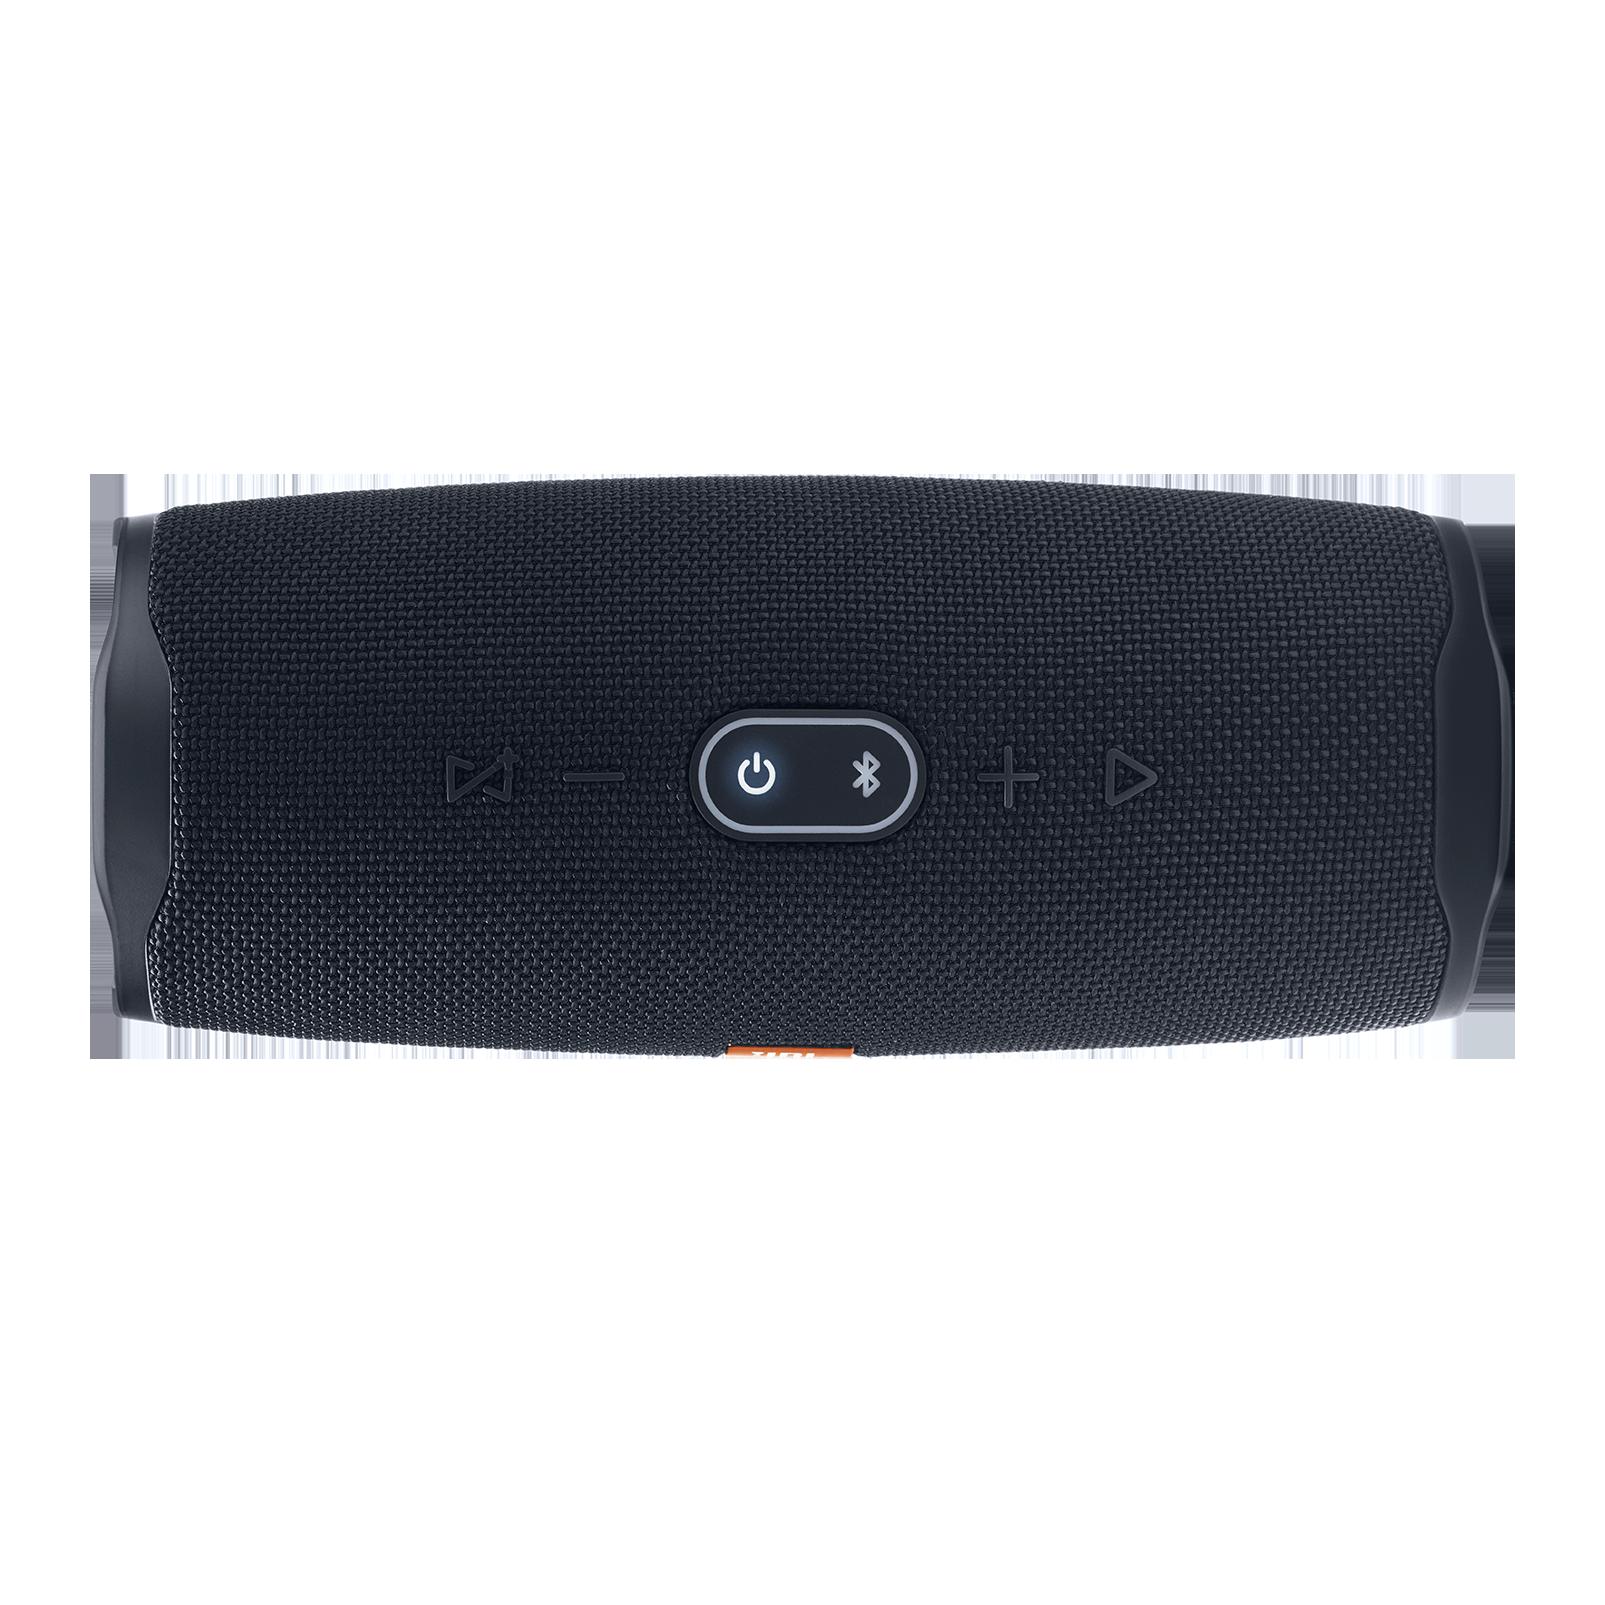 JBL Charge 4 - Black - Portable Bluetooth speaker - Detailshot 1